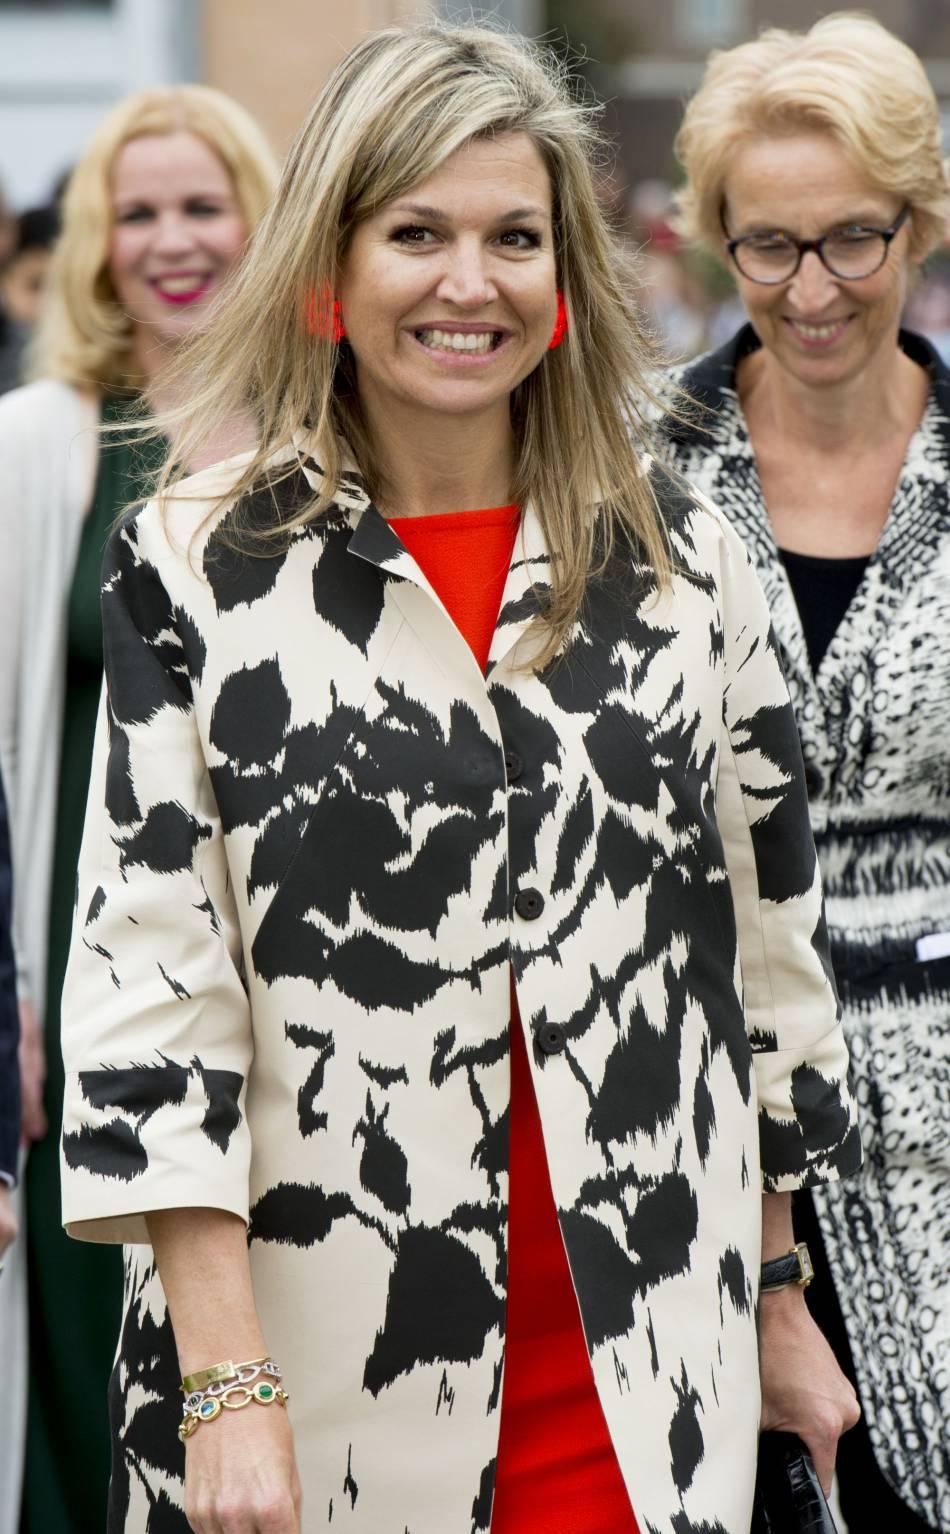 La reine a associé un manteau à imprimés à une robe vermillon.